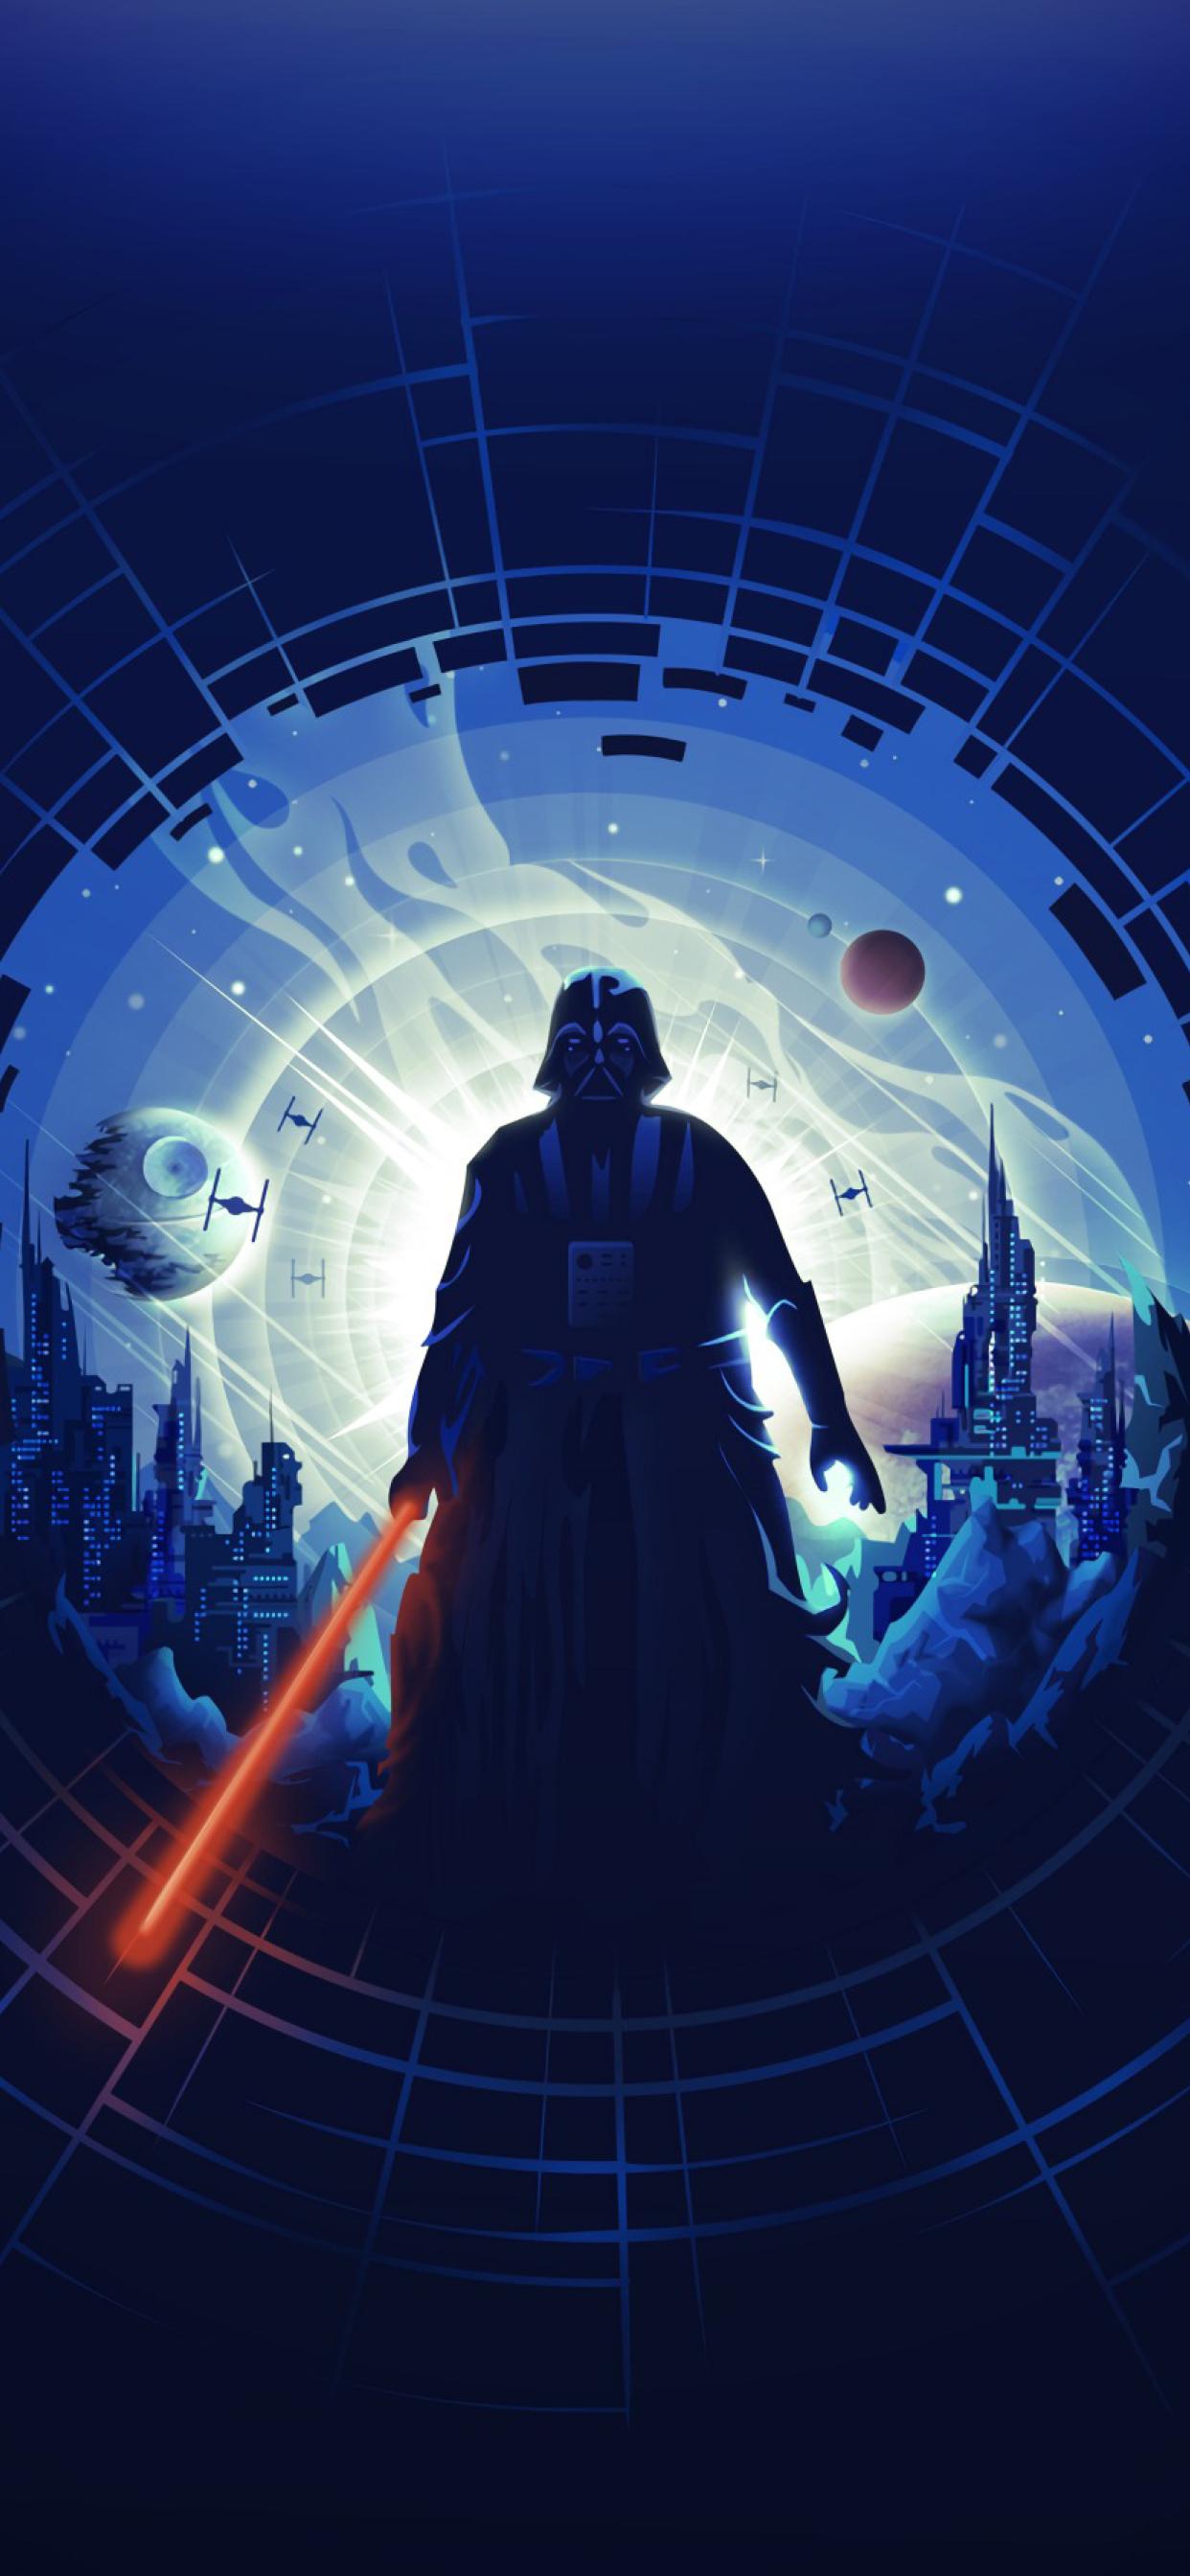 1242x2688 Darth Vader Minimalist Iphone Xs Max Wallpaper Hd